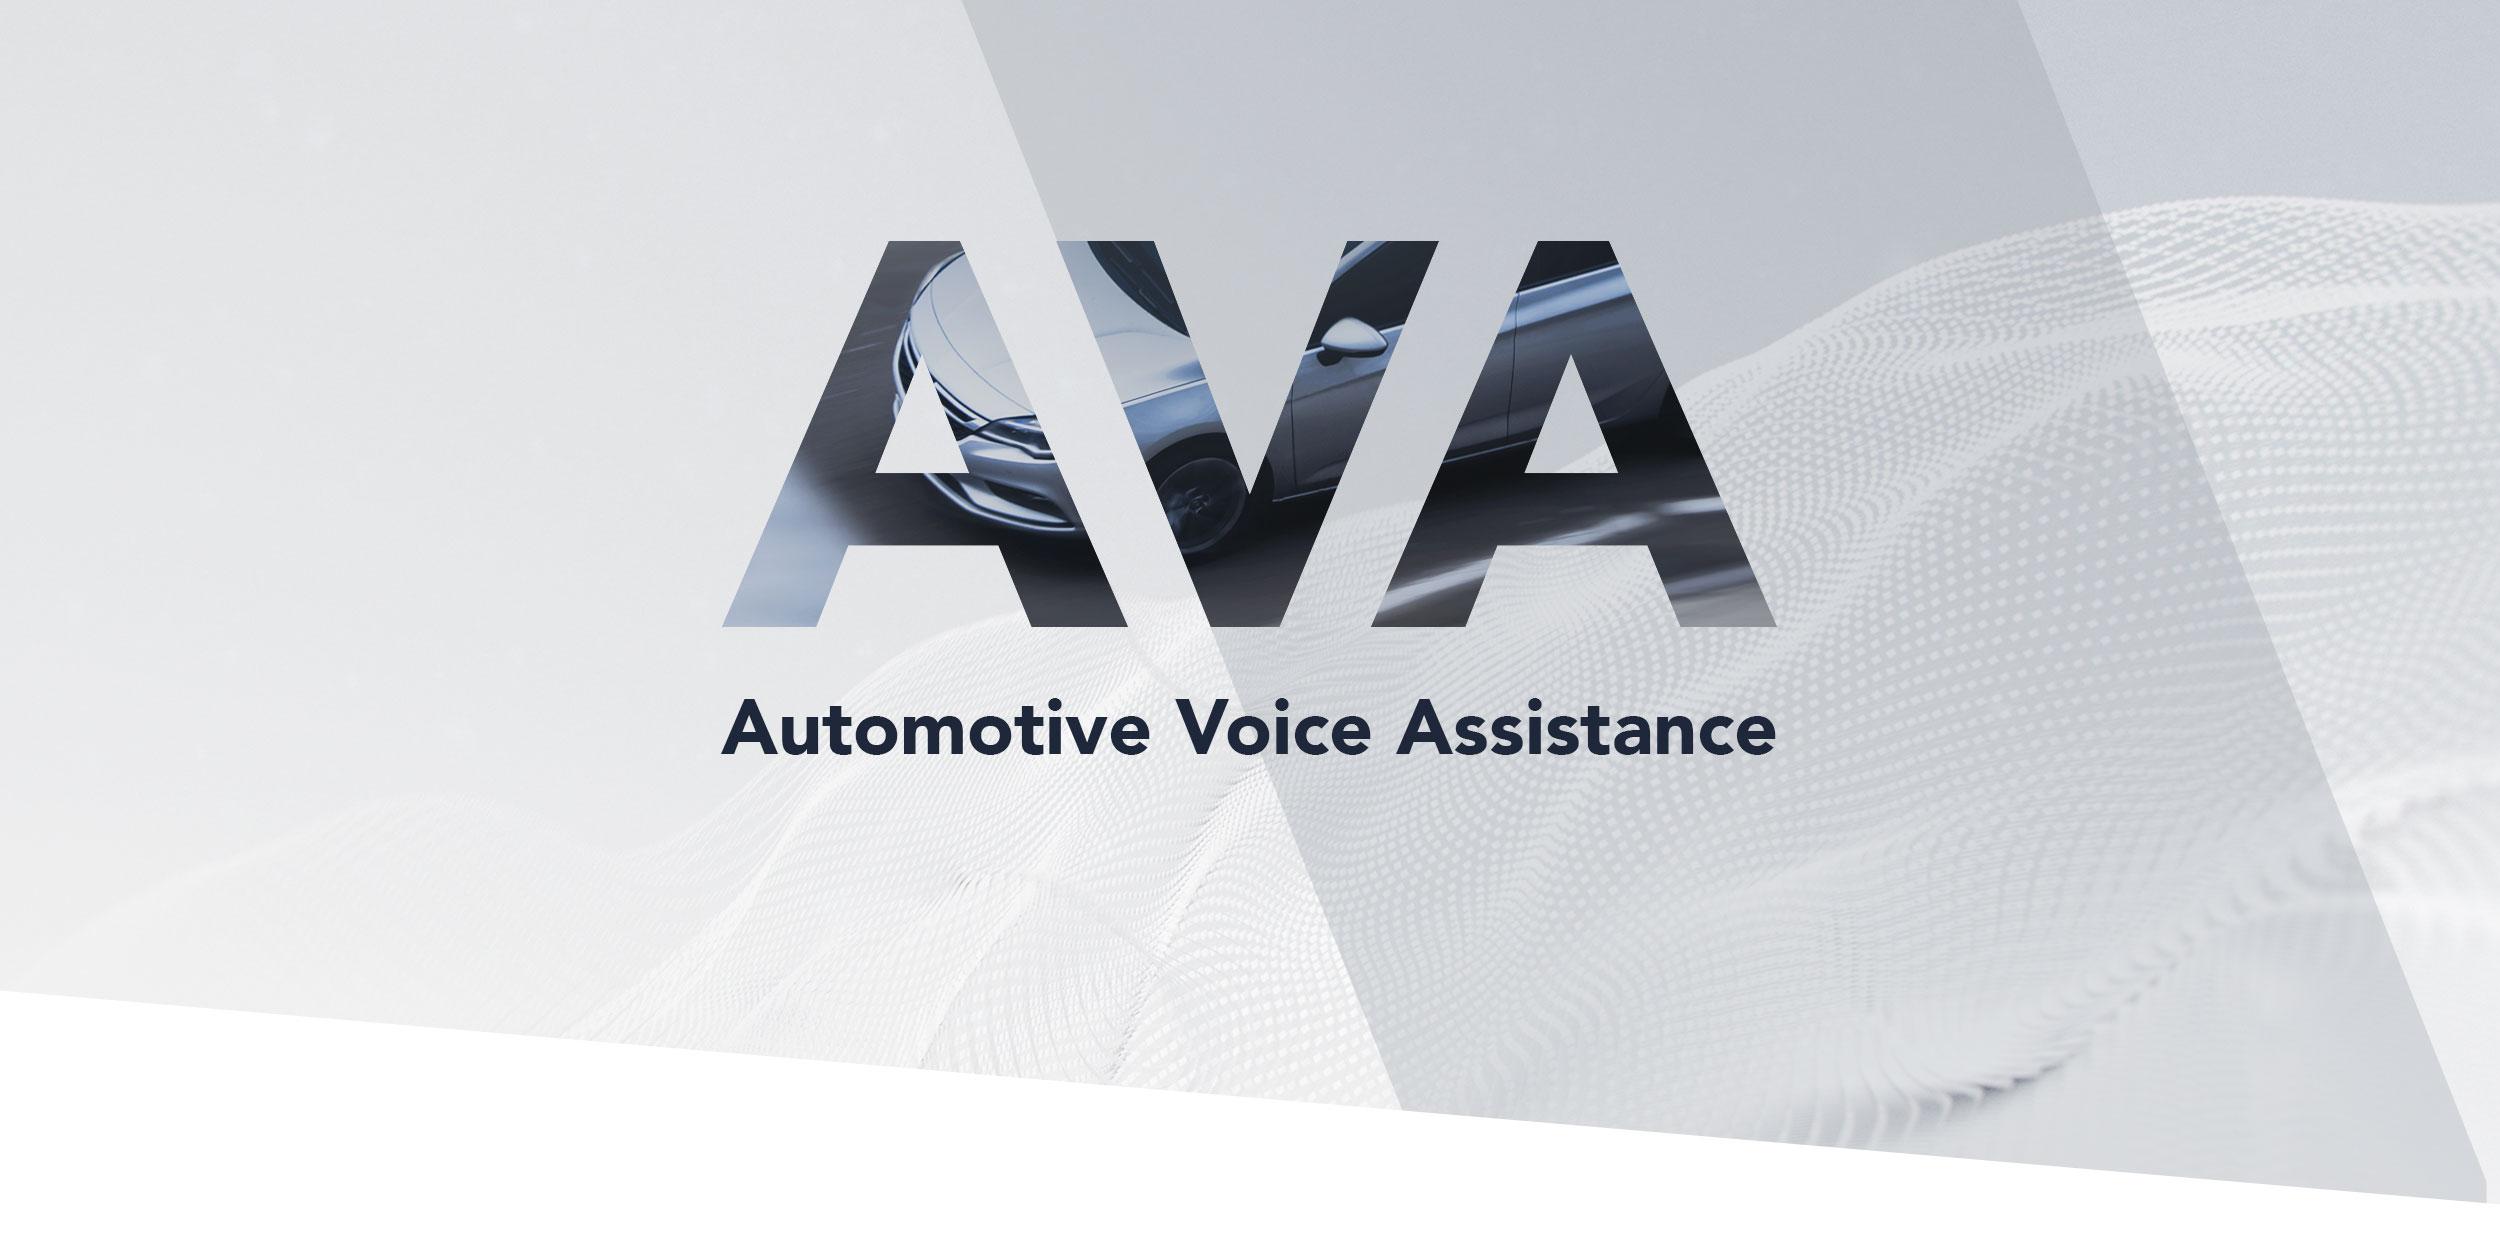 AVA-Automotive Voice Assistance